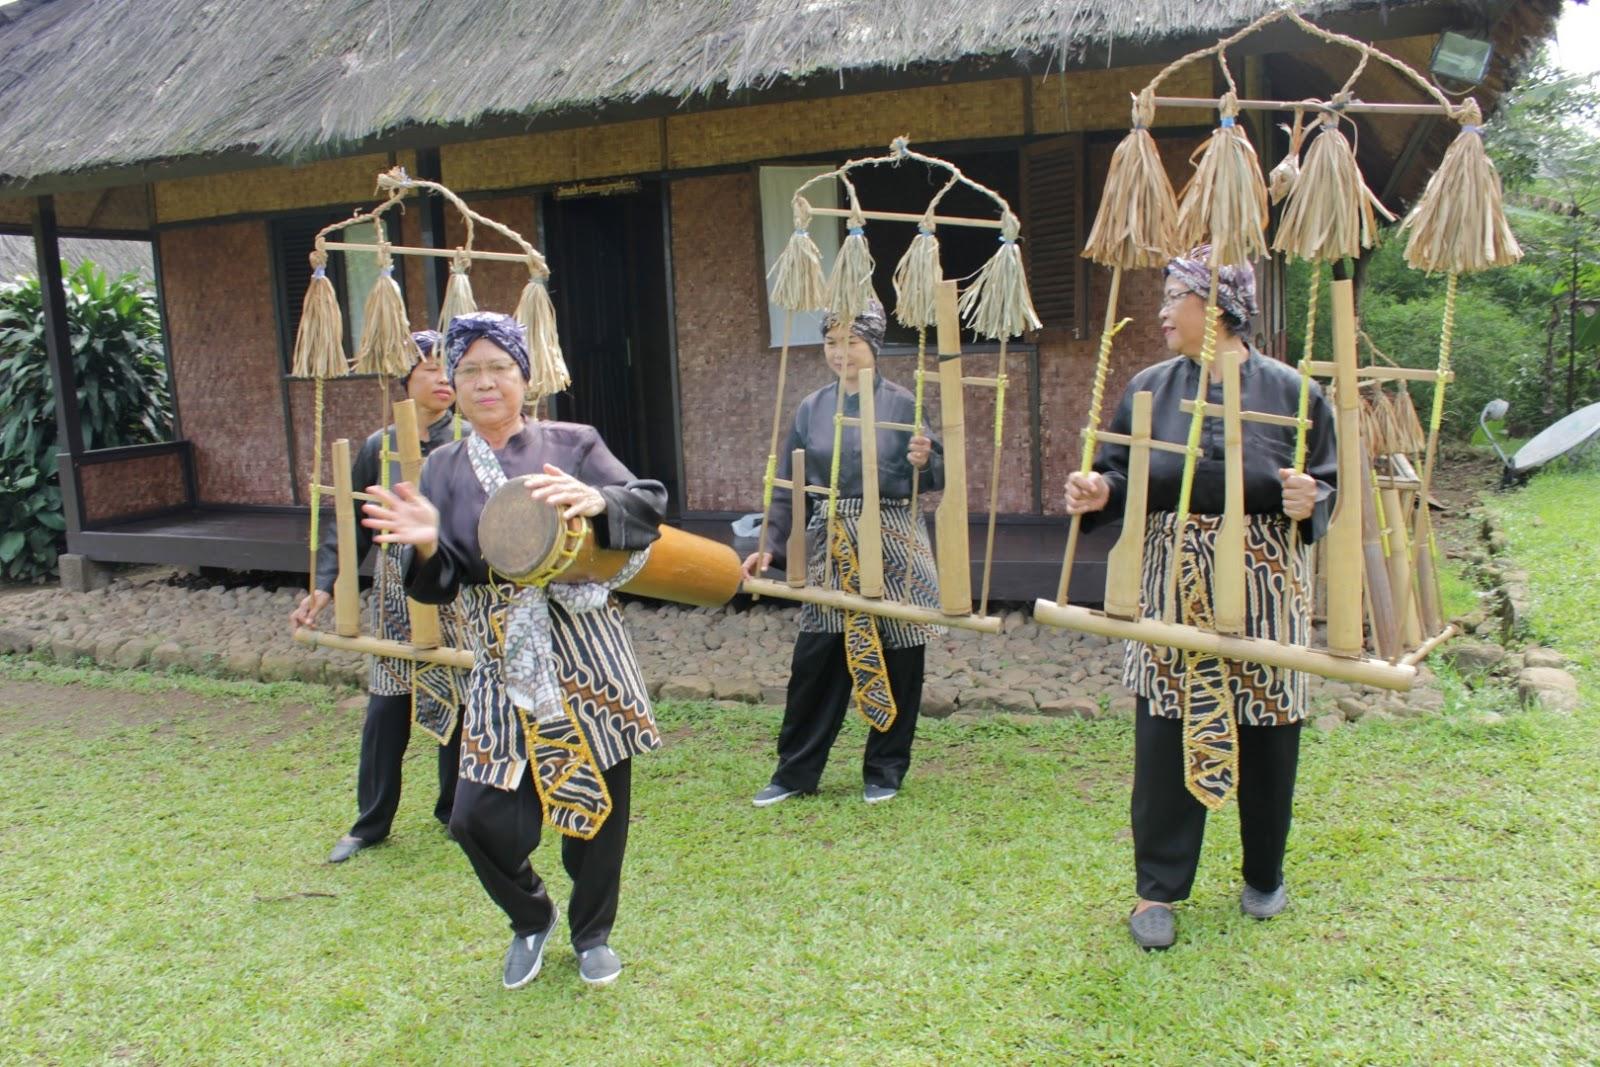 Kampung Budaya Sindang Barang Bogor Tempat Wisata Upacara Adat Seren